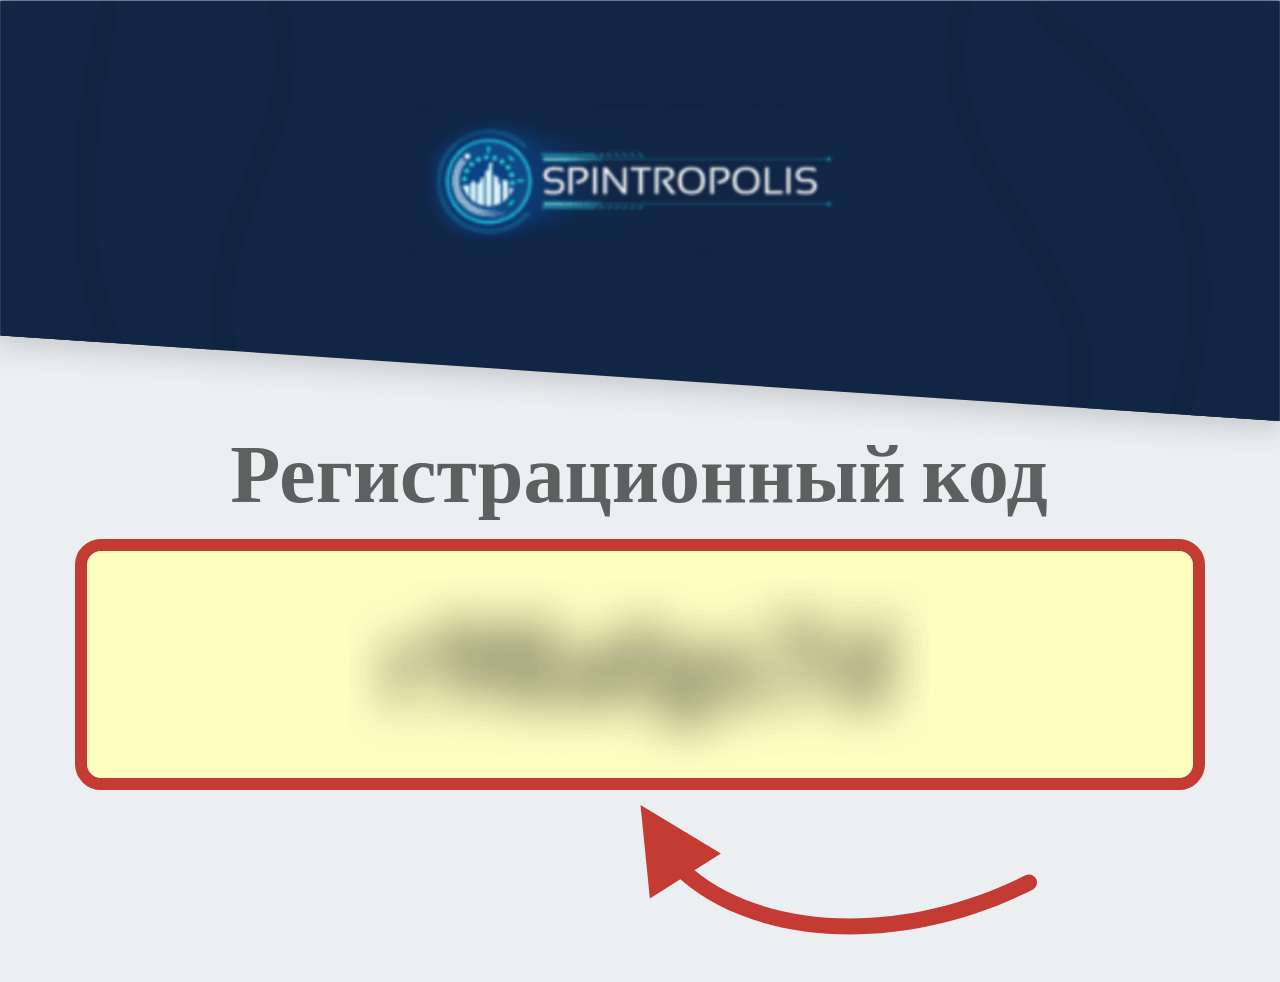 Spintropolis Казино регистрационный код